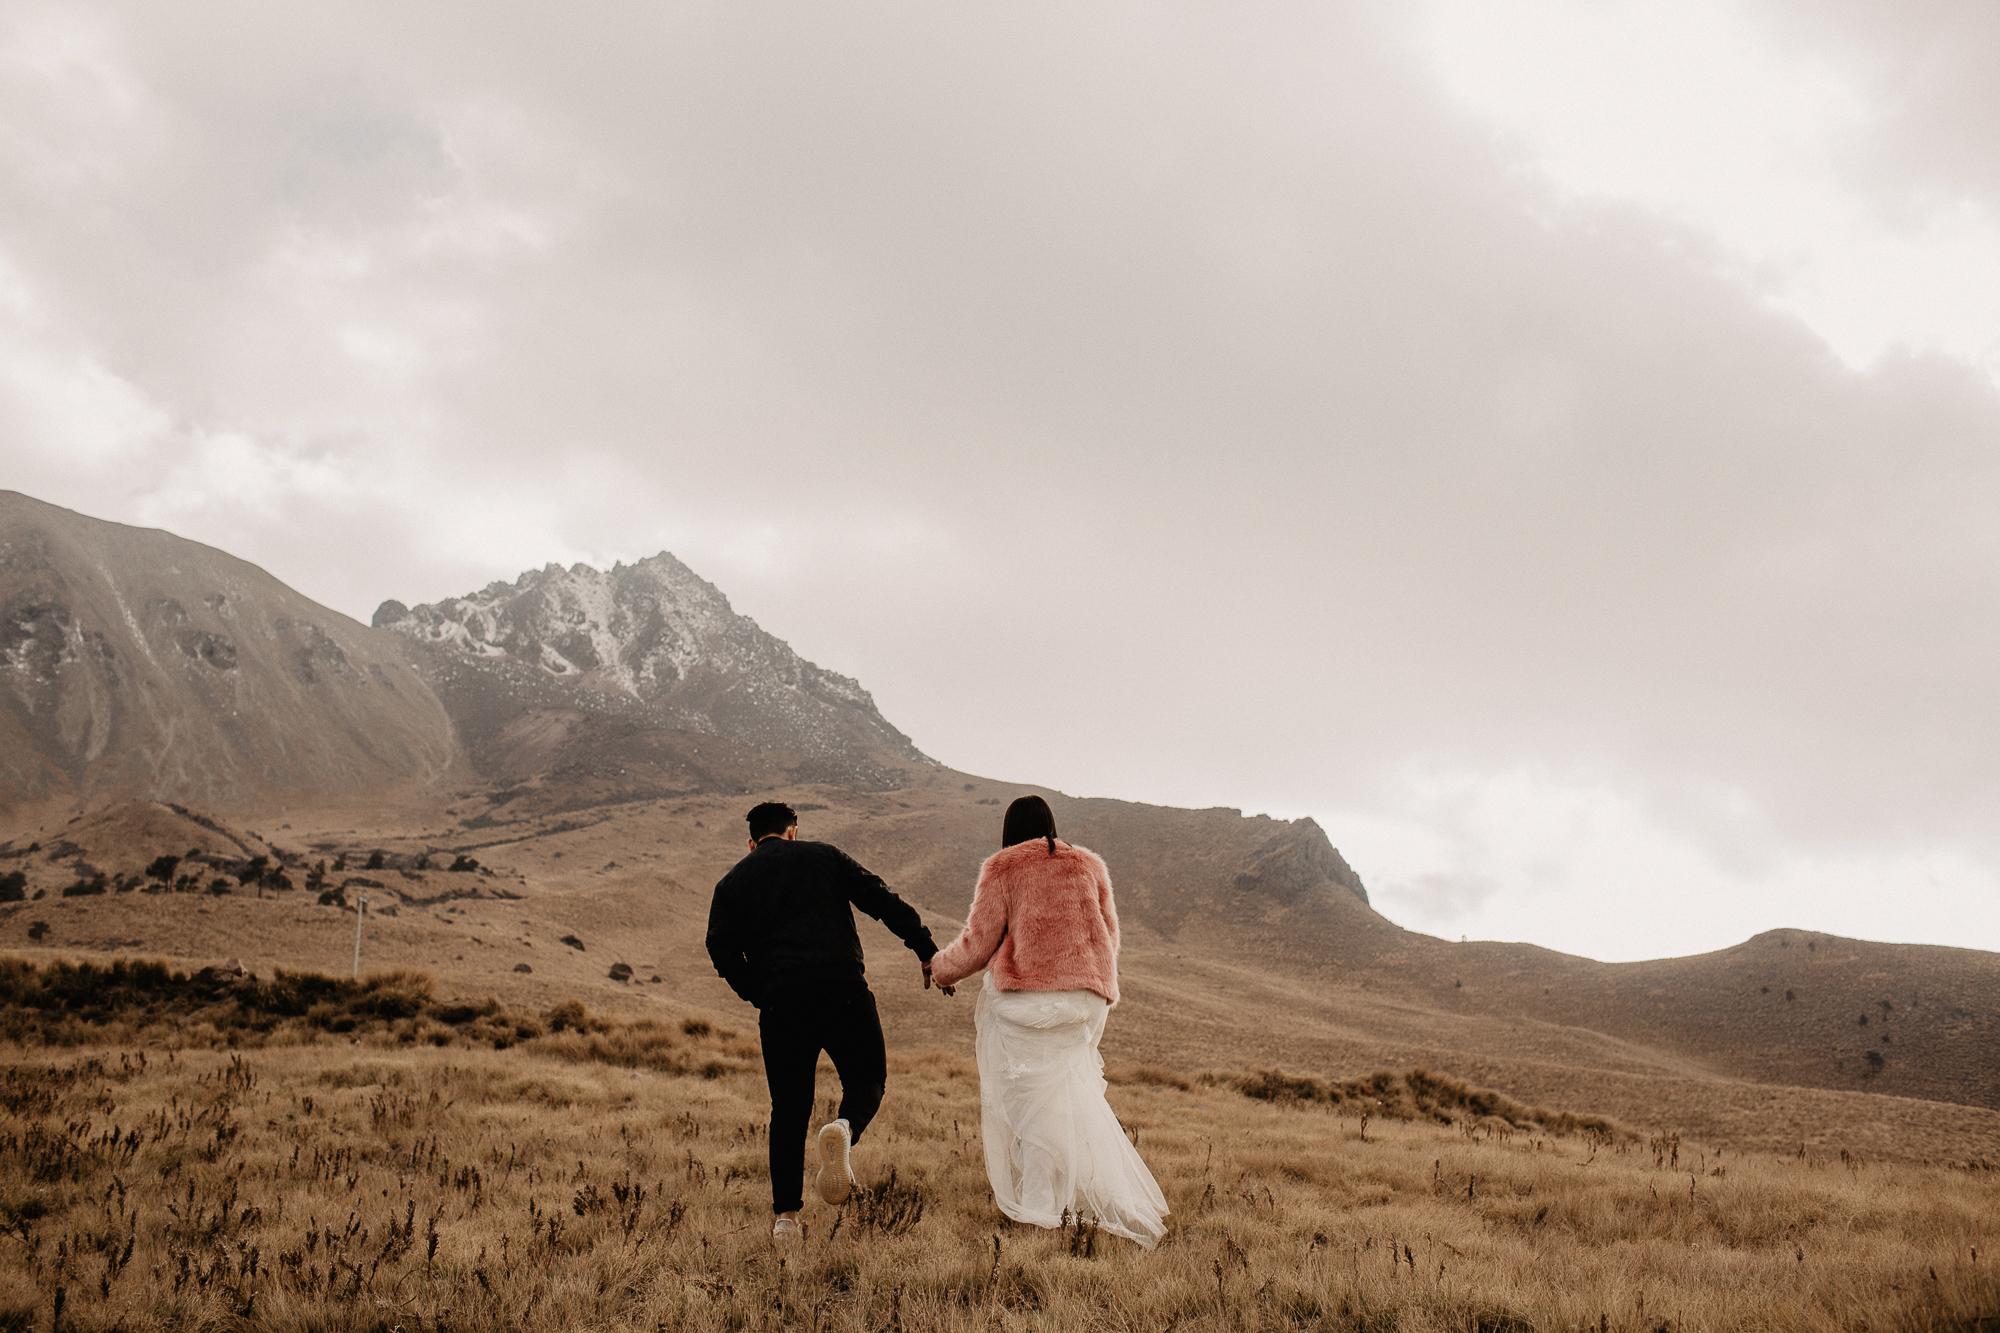 alfonso-flores-fotografo-de-bodas-nevado-de-toluca-sesion-de-pareja107.jpg